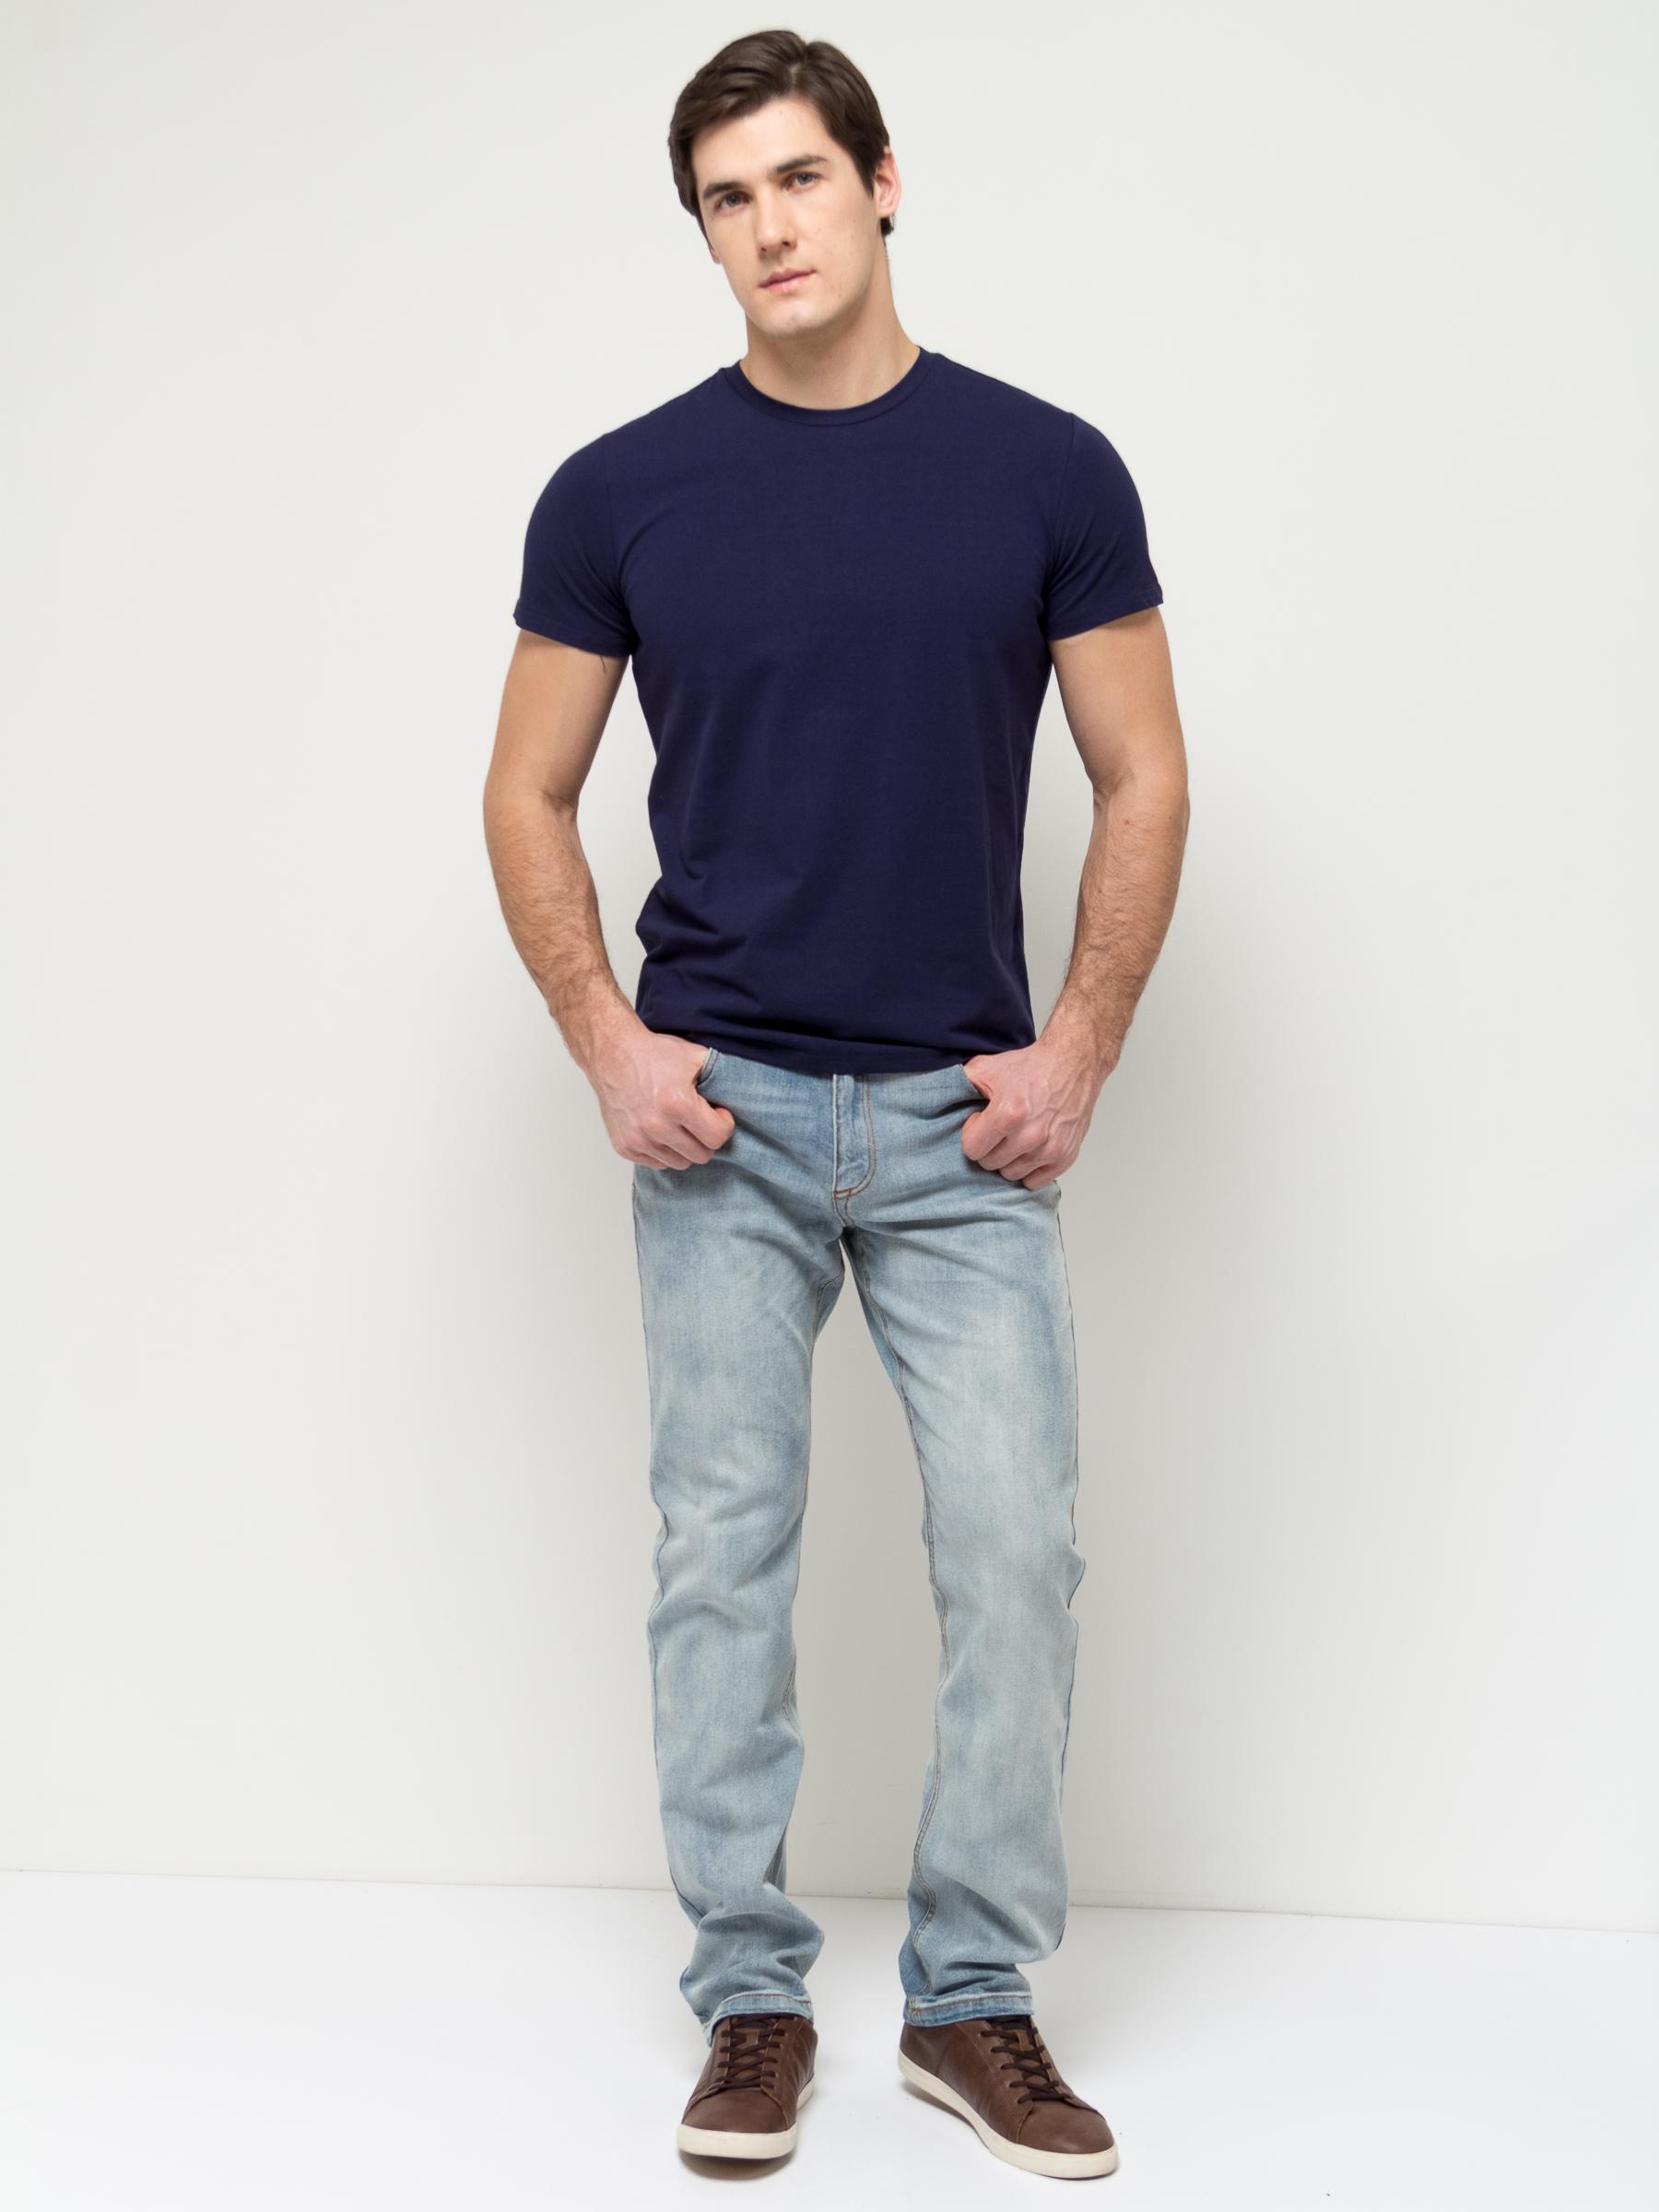 Джинсы мужские Sela, цвет: голубой джинс. PJ-235/1071-7152. Размер 34-34 (50-34)PJ-235/1071-7152Стильные мужские джинсы Sela, изготовленные из качественного эластичного хлопка с потертостями, станут отличным дополнением гардероба. Джинсы зауженного кроя и стандартной посадки на талии застегиваются на застежку-молнию и пуговицу. На поясе имеются шлевки для ремня. Модель представляет собой классическую пятикарманку: два втачных и накладной карманы спереди и два накладных кармана сзади.